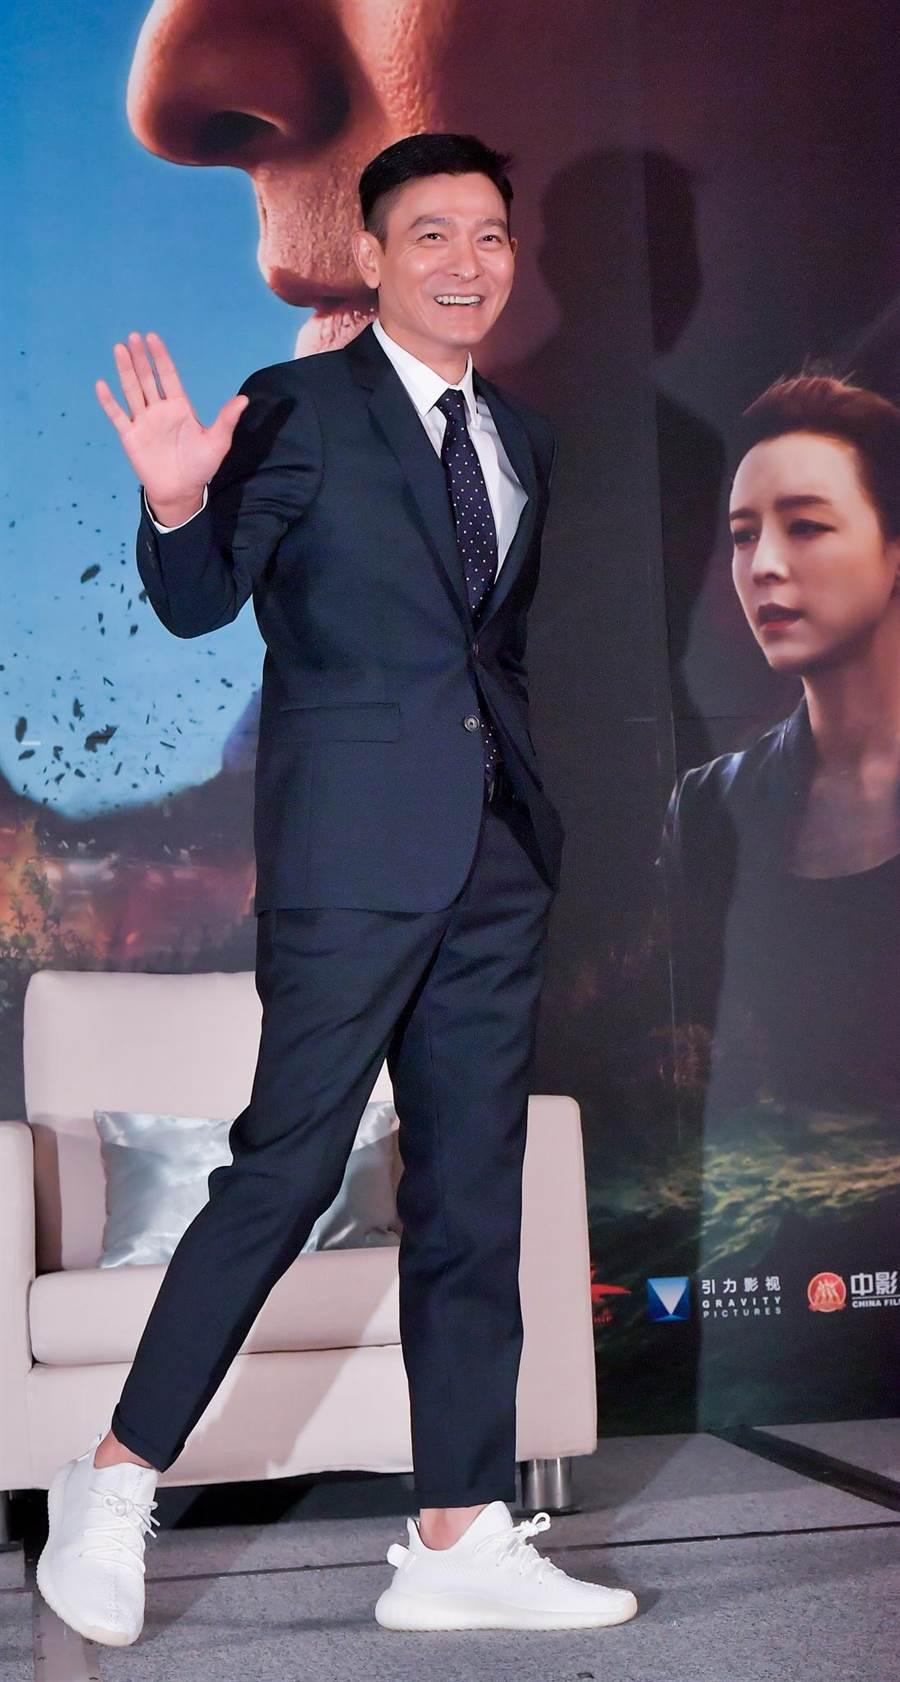 劉德華獲邀加入美國電影藝術與科學學院會員,具奧斯卡金像獎投資資格。圖為他2017年出席電影《俠盜聯盟》台北記者會。(本報系資料照片)